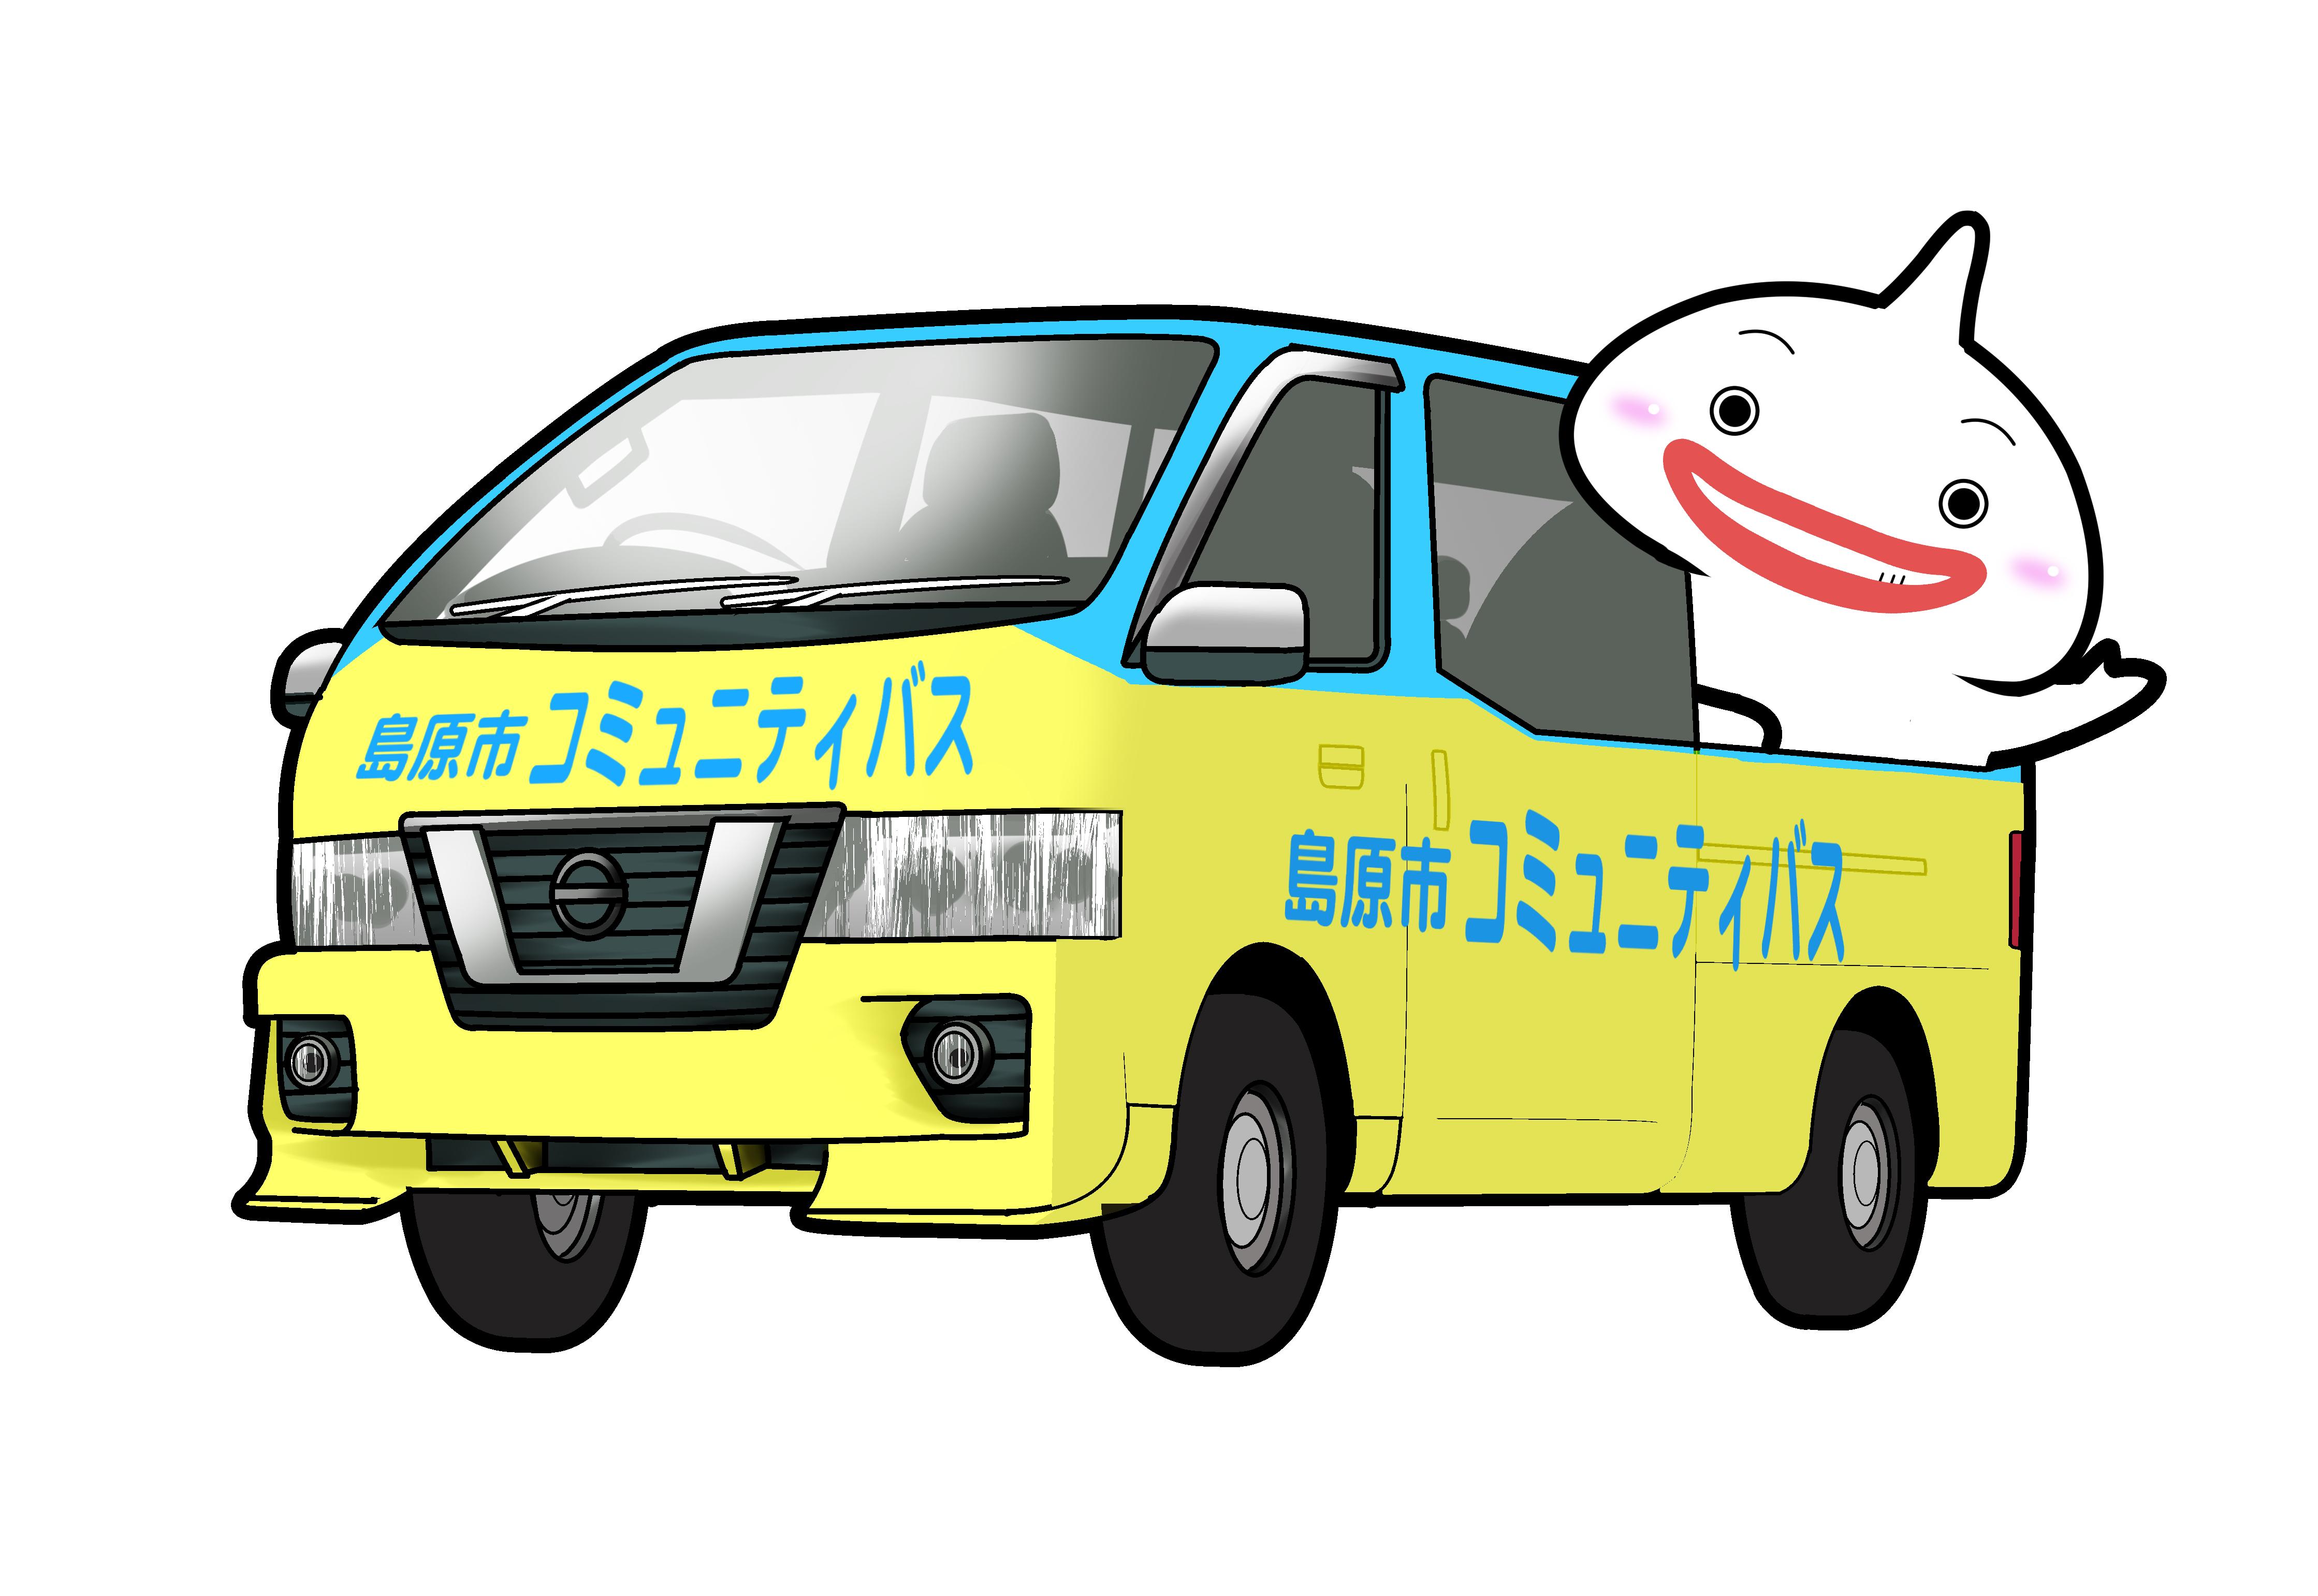 しまばらんイラスト2020「バス2」